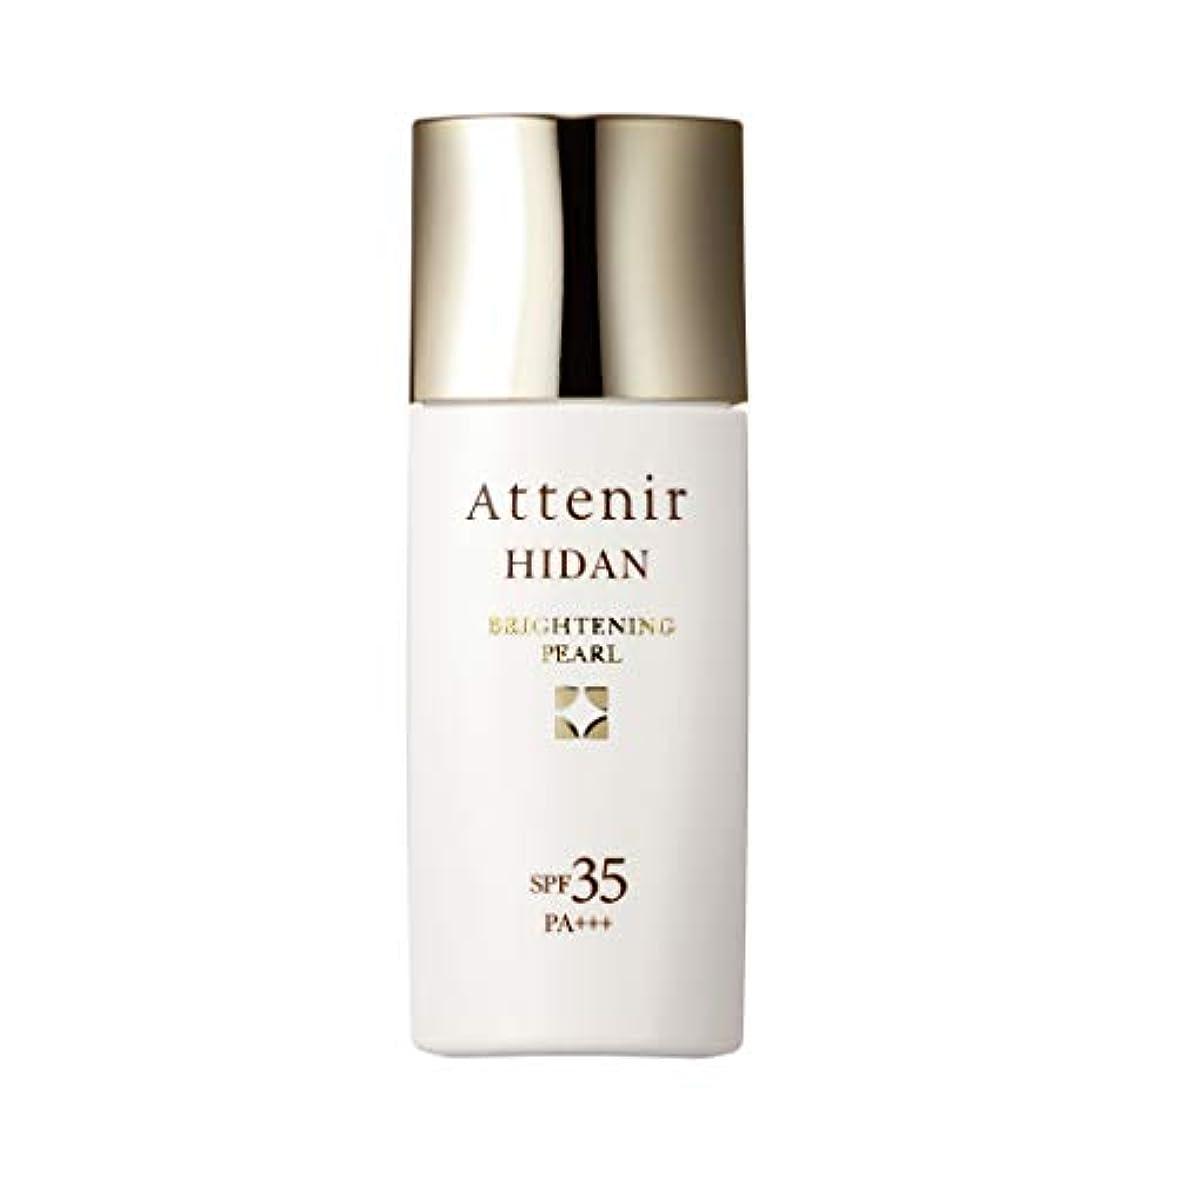 オーストラリア人戸惑う一人でアテニア 日焼け止め 陽断(ひだん) ブライトニングパール ミルクタイプ UV35 30ml SPF35 PA+++ ウォータープルーフ処方 顔用